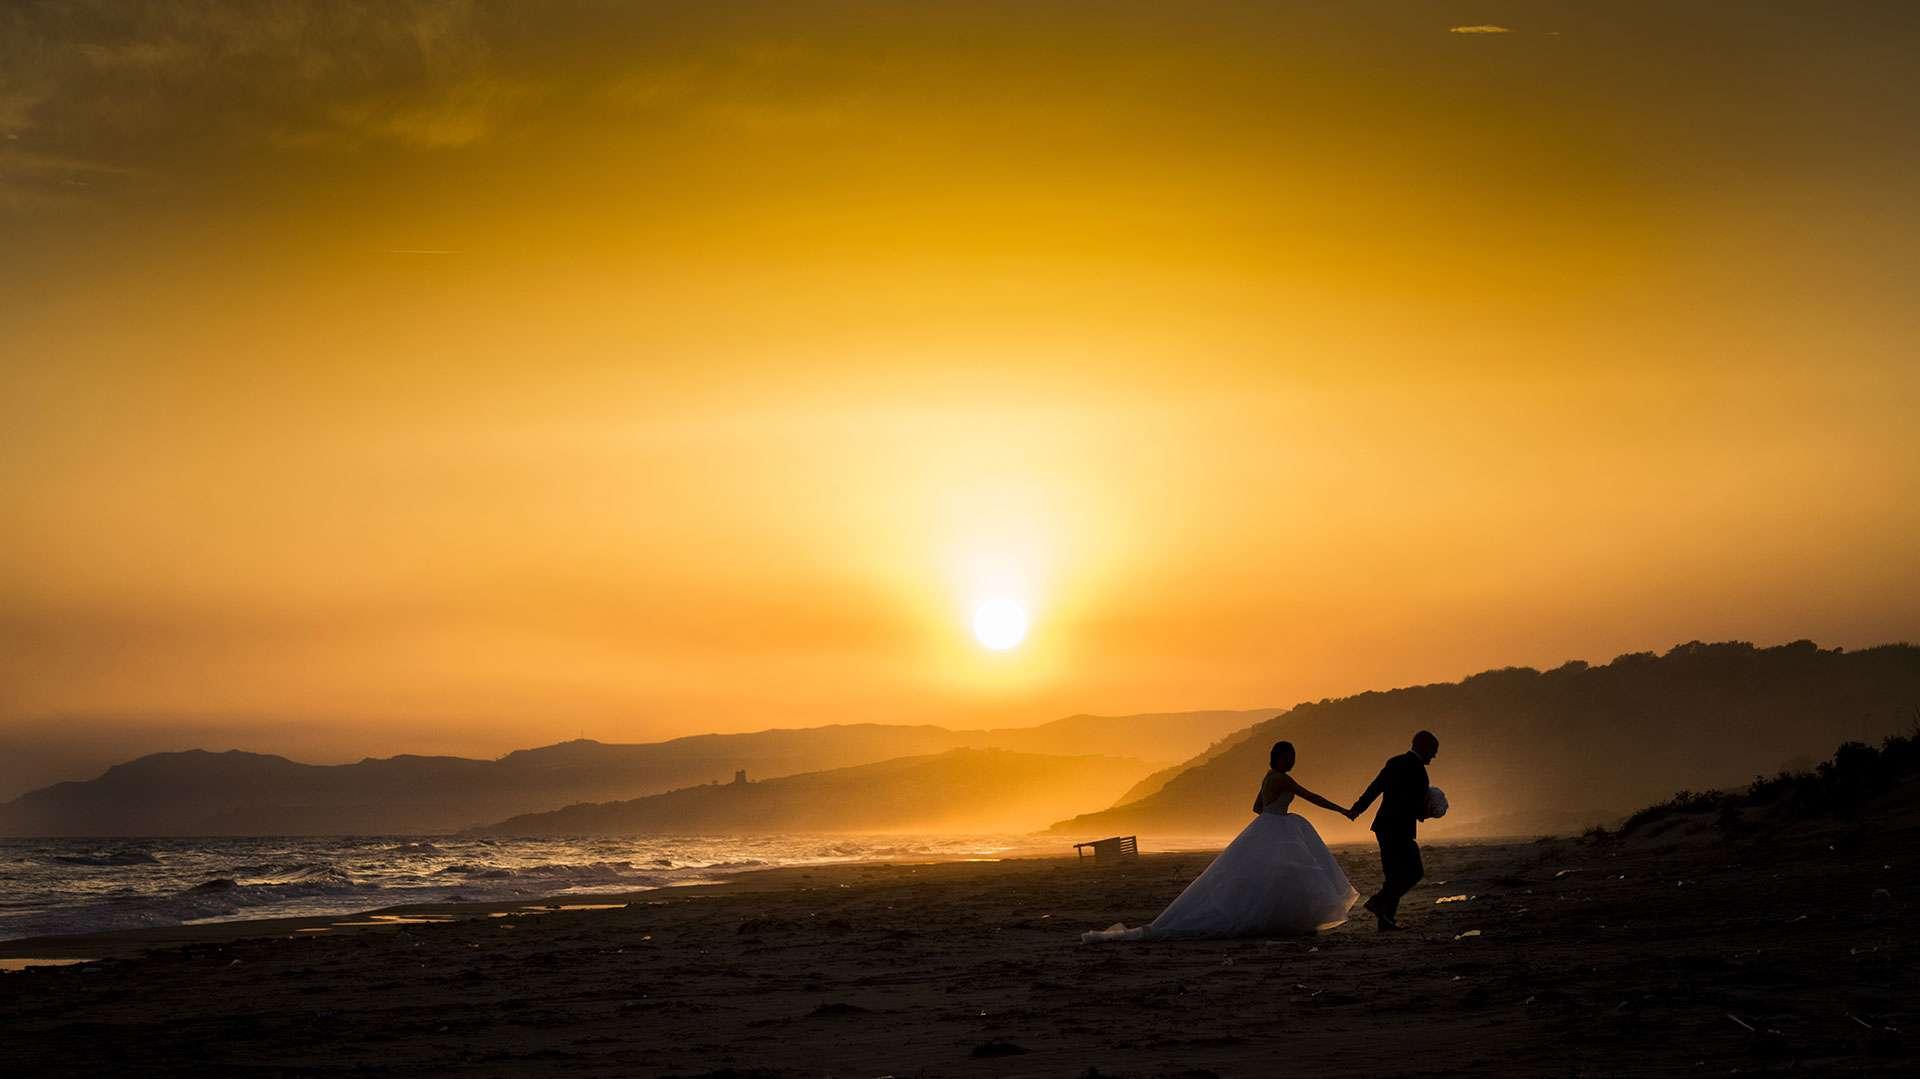 fotografo per matrimoni ed eventi a catania, studio fotografico a catania, fotografi per nozze catania